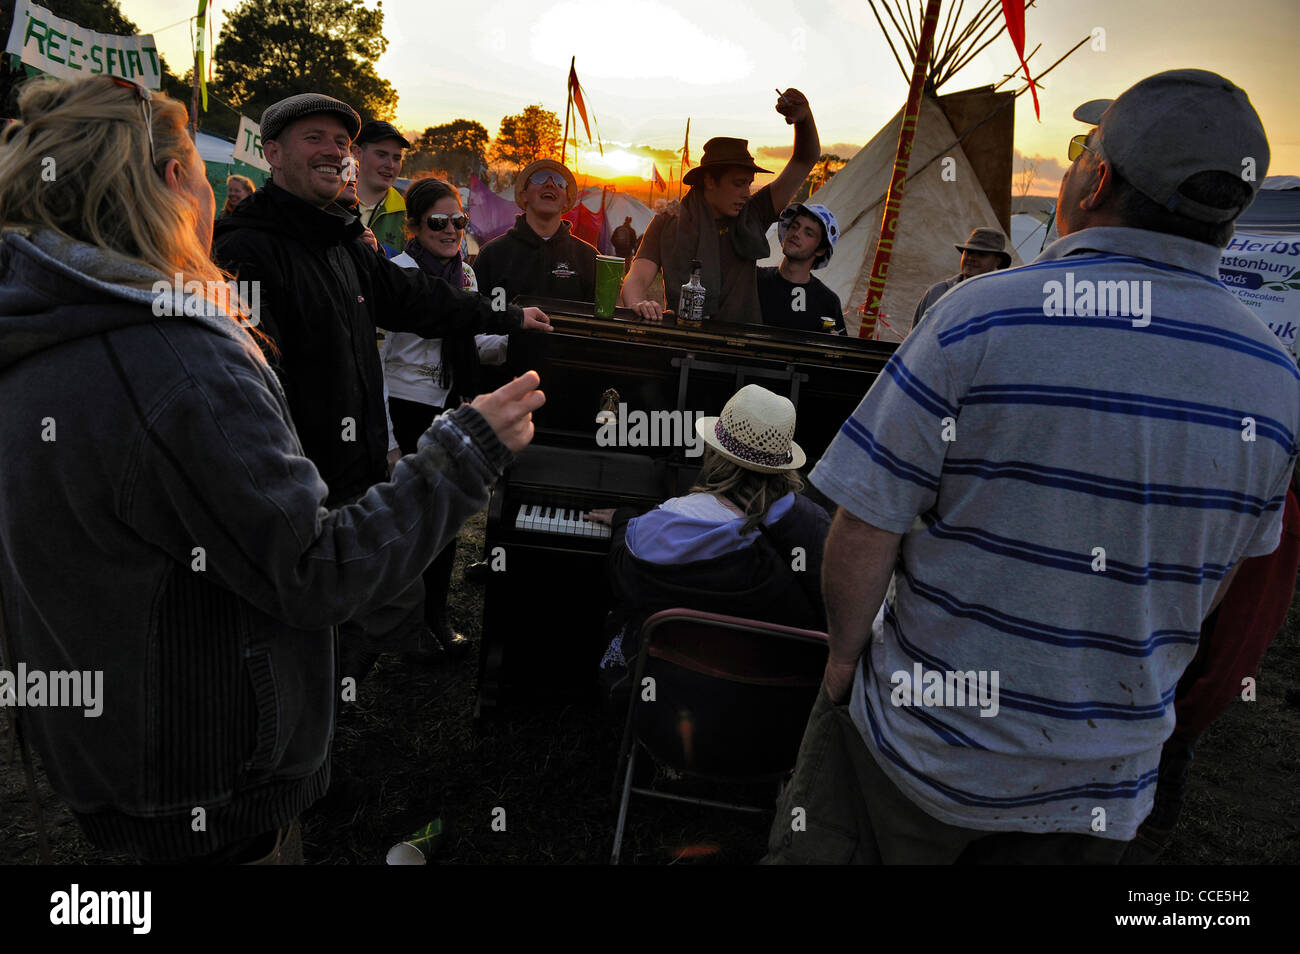 Festival de Música de Glastonbury 2011, Glastonbury, Pilton, Somerset Imagen De Stock